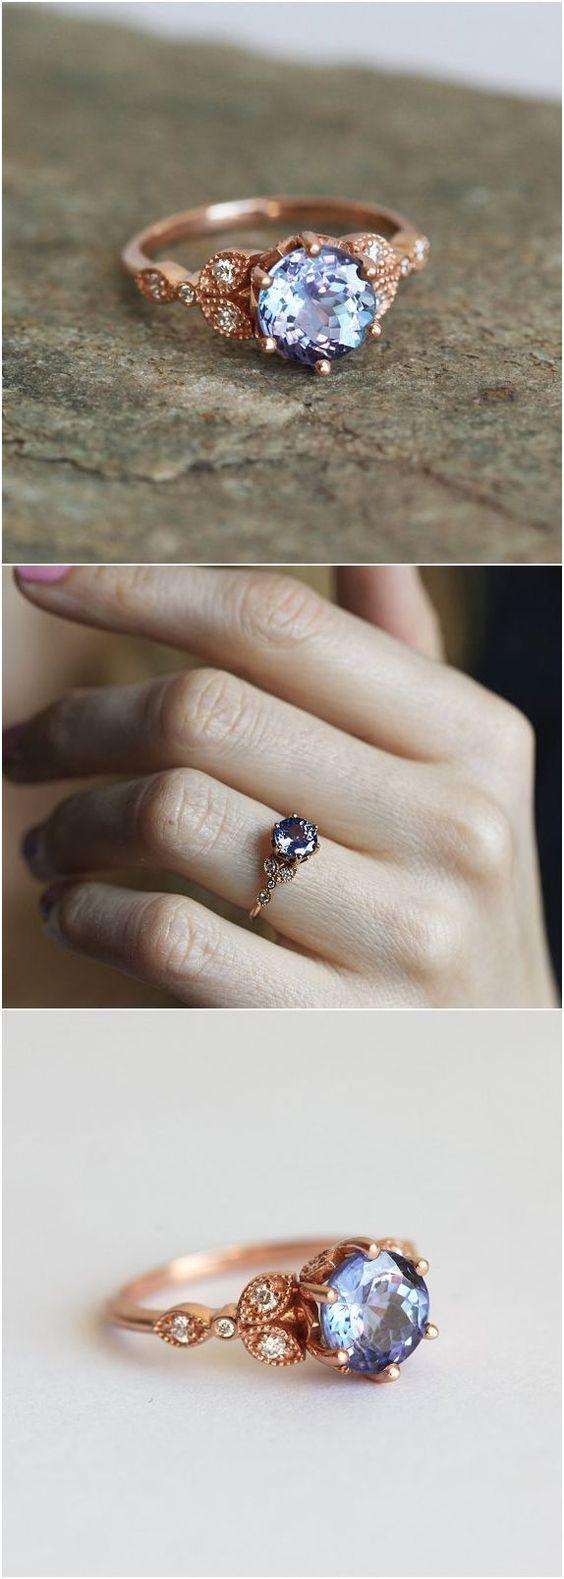 Не е луд за цветовете, но ми харесва как изглежда това!  Годежен пръстен, цветен пръстен за ангажимент, листа ангажимент пръстен, синя годежен пръстен, Танзанит диамантен пръстен, златен Танзанит пръстен